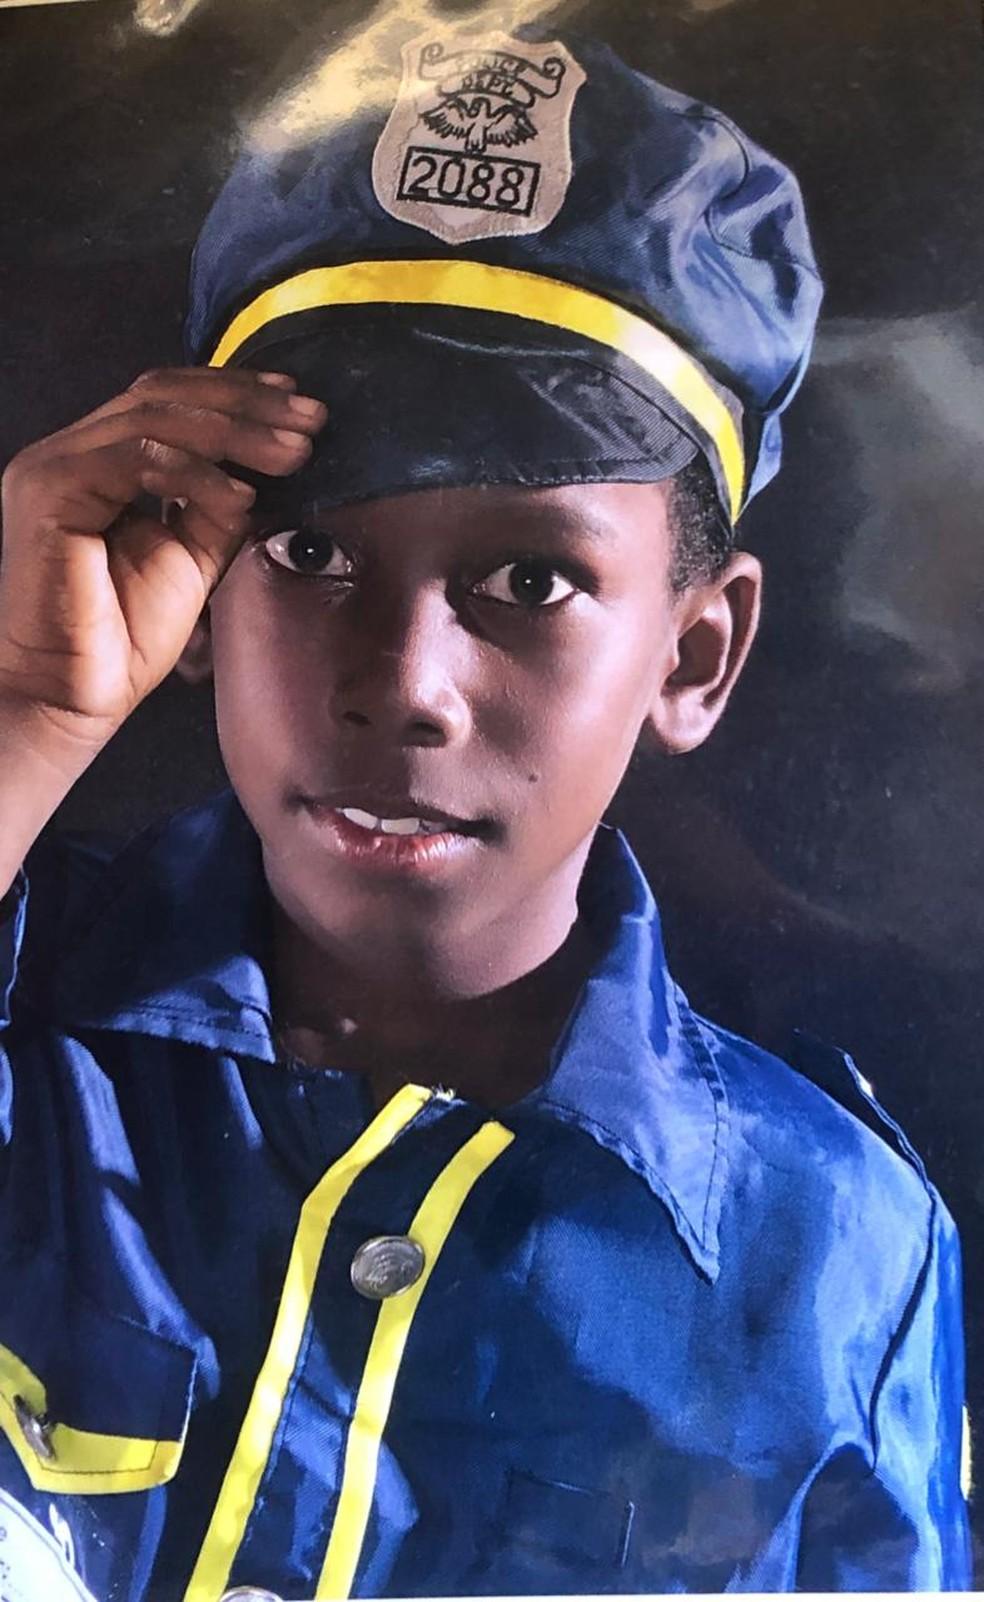 Lorran, de 11 anos, teve a perna amputada e está em coma após ser ferido com linha chilena em Visconde do Rio Branco — Foto: Jéssica Luana dos Santos/Arquivo pessoal